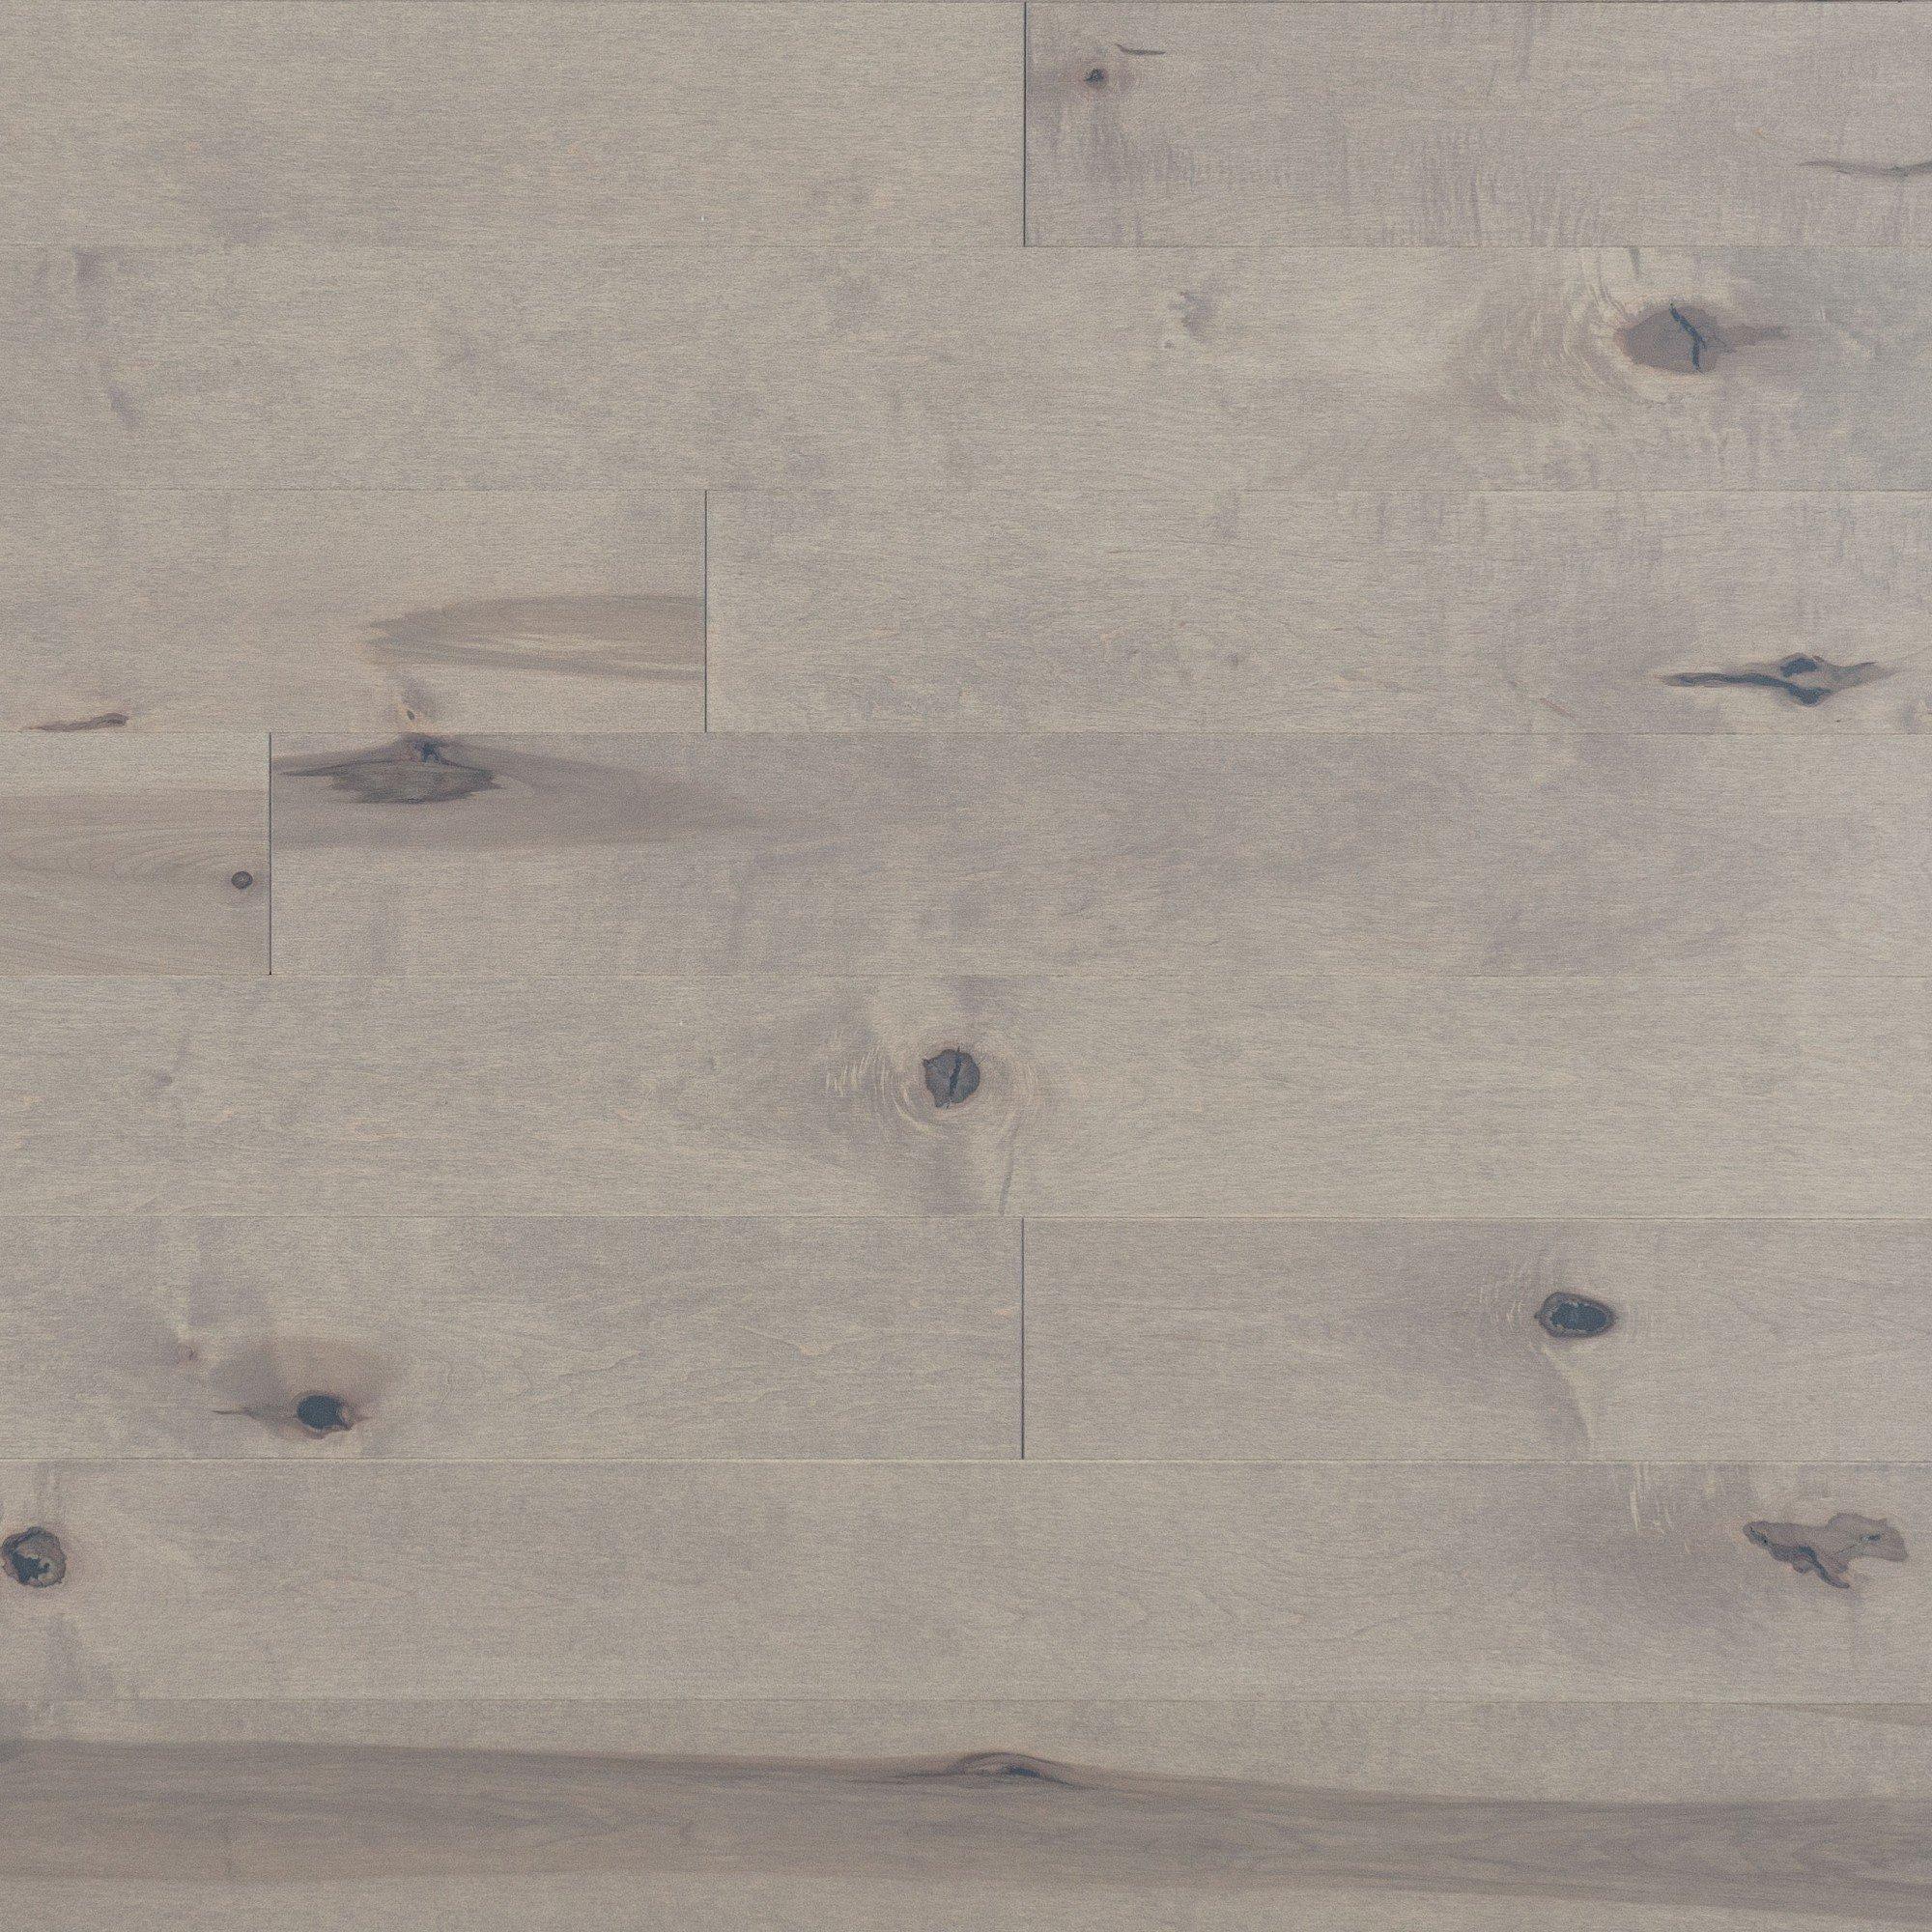 Érable Grey Drizzle Caractère Prononcé - Image plancher